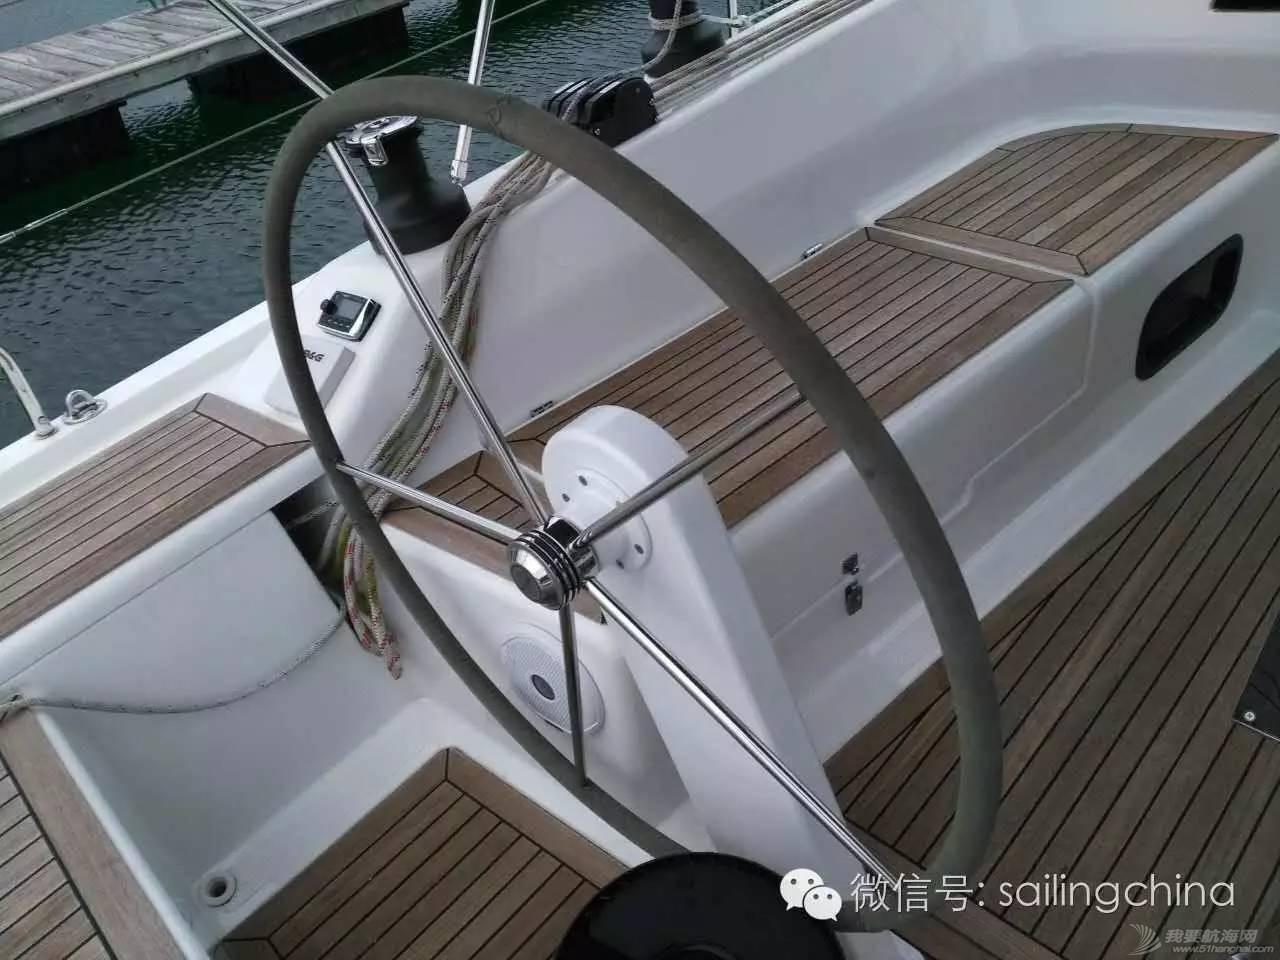 德国汉斯帆船H415 现船销售 7b71c4ac7c0b4927d87a53509e947c77.jpg